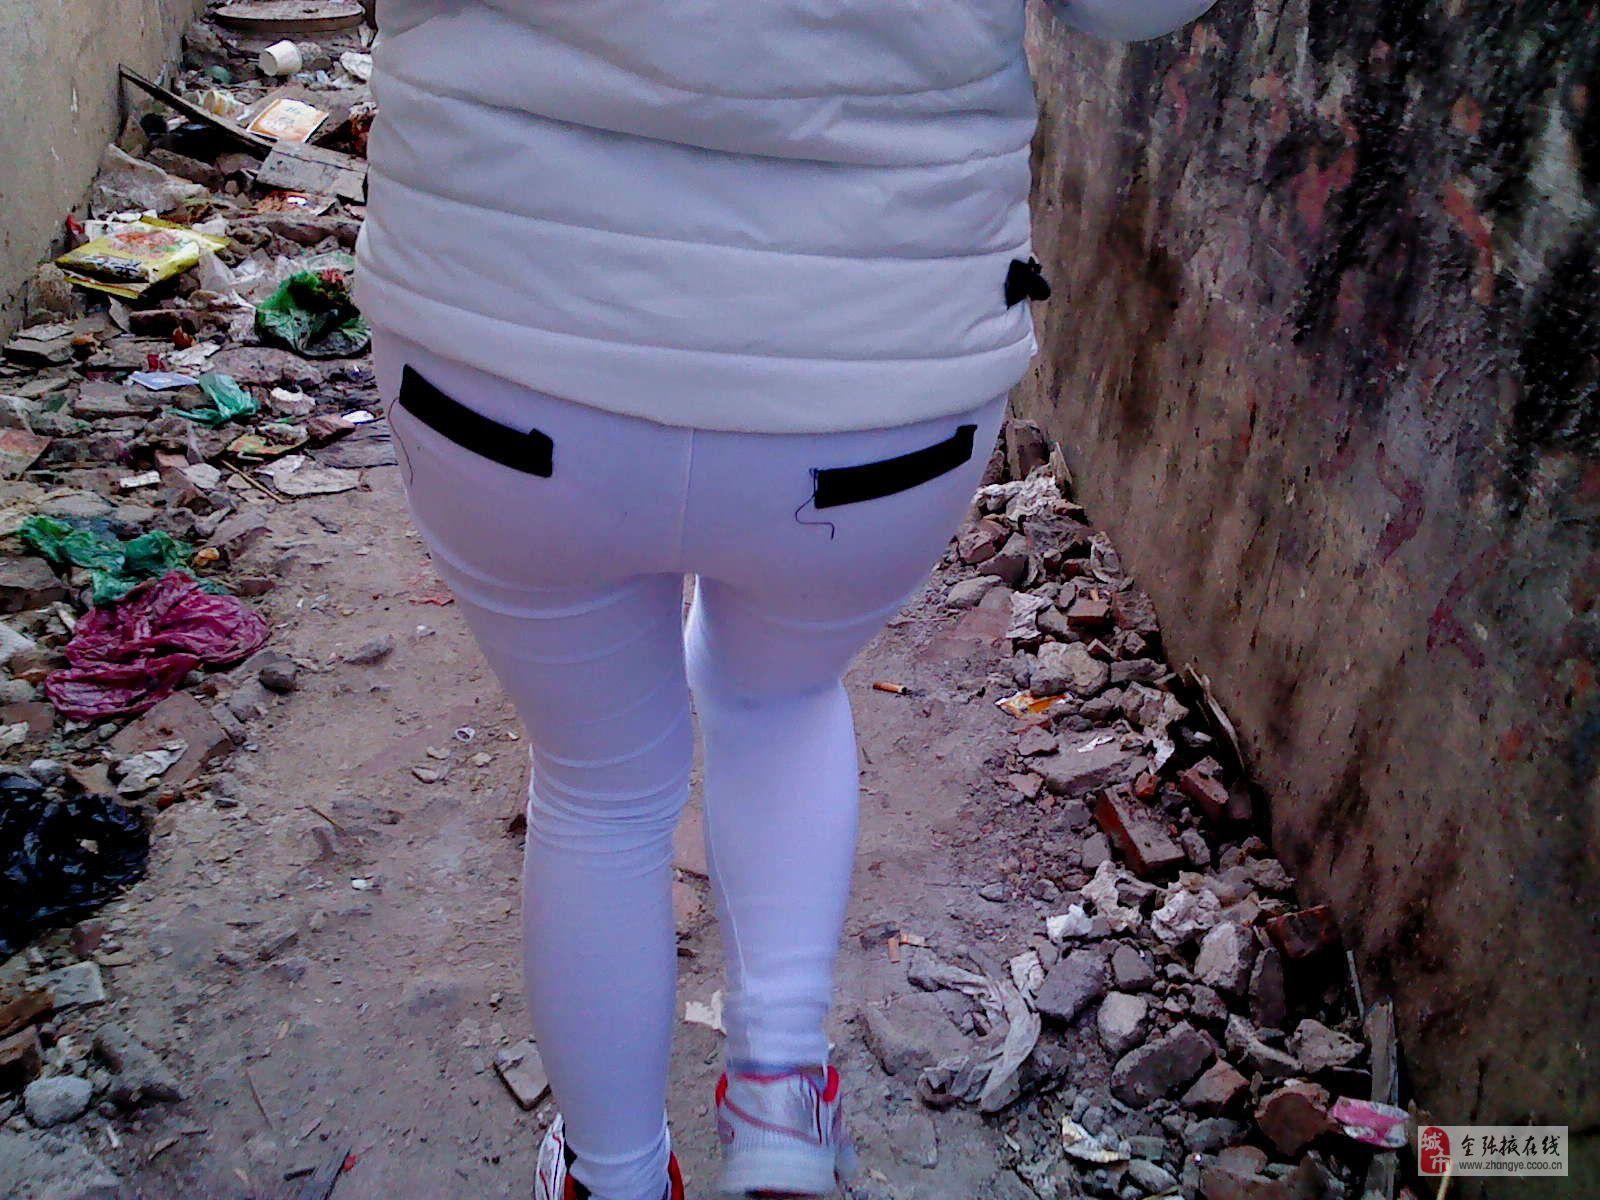 白色紧身裤街拍紧身裤街拍白色紧身裤世界美臂小姐